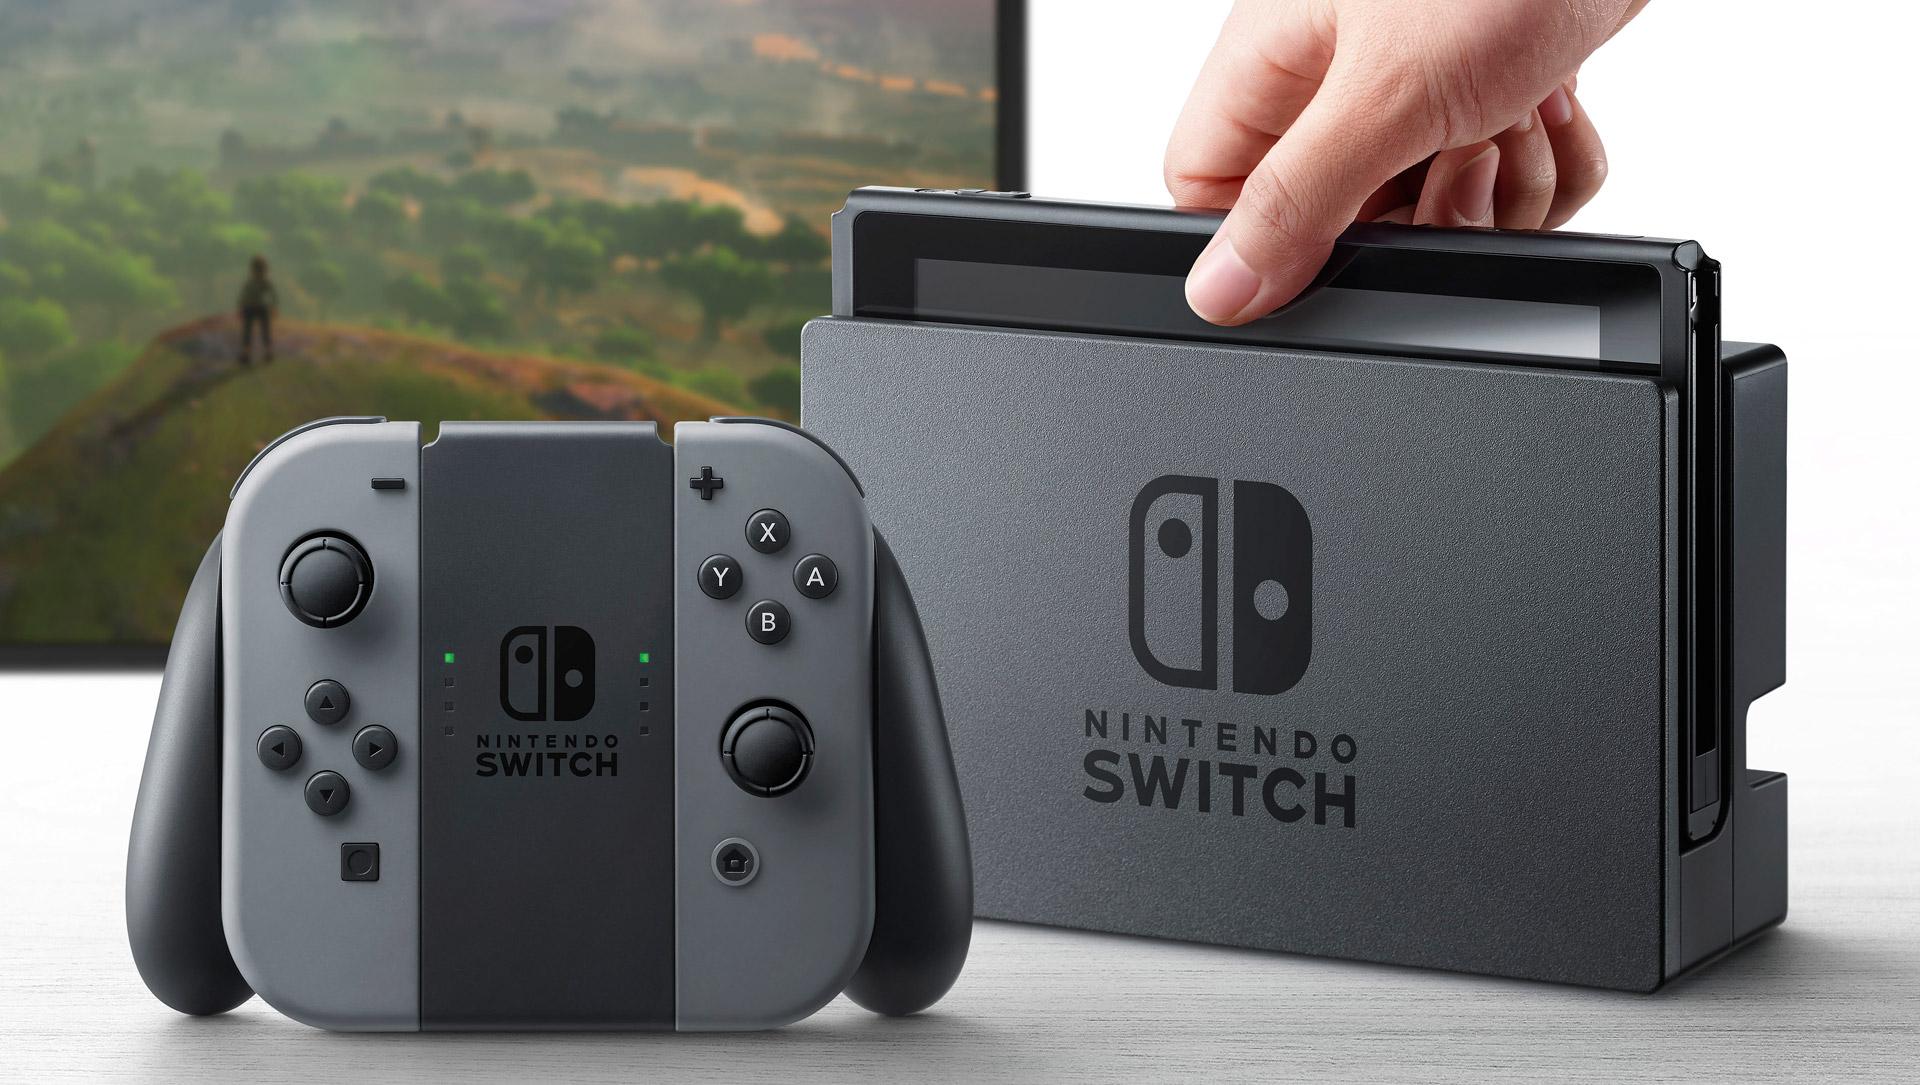 Znalezione obrazy dla zapytania nintendo switch